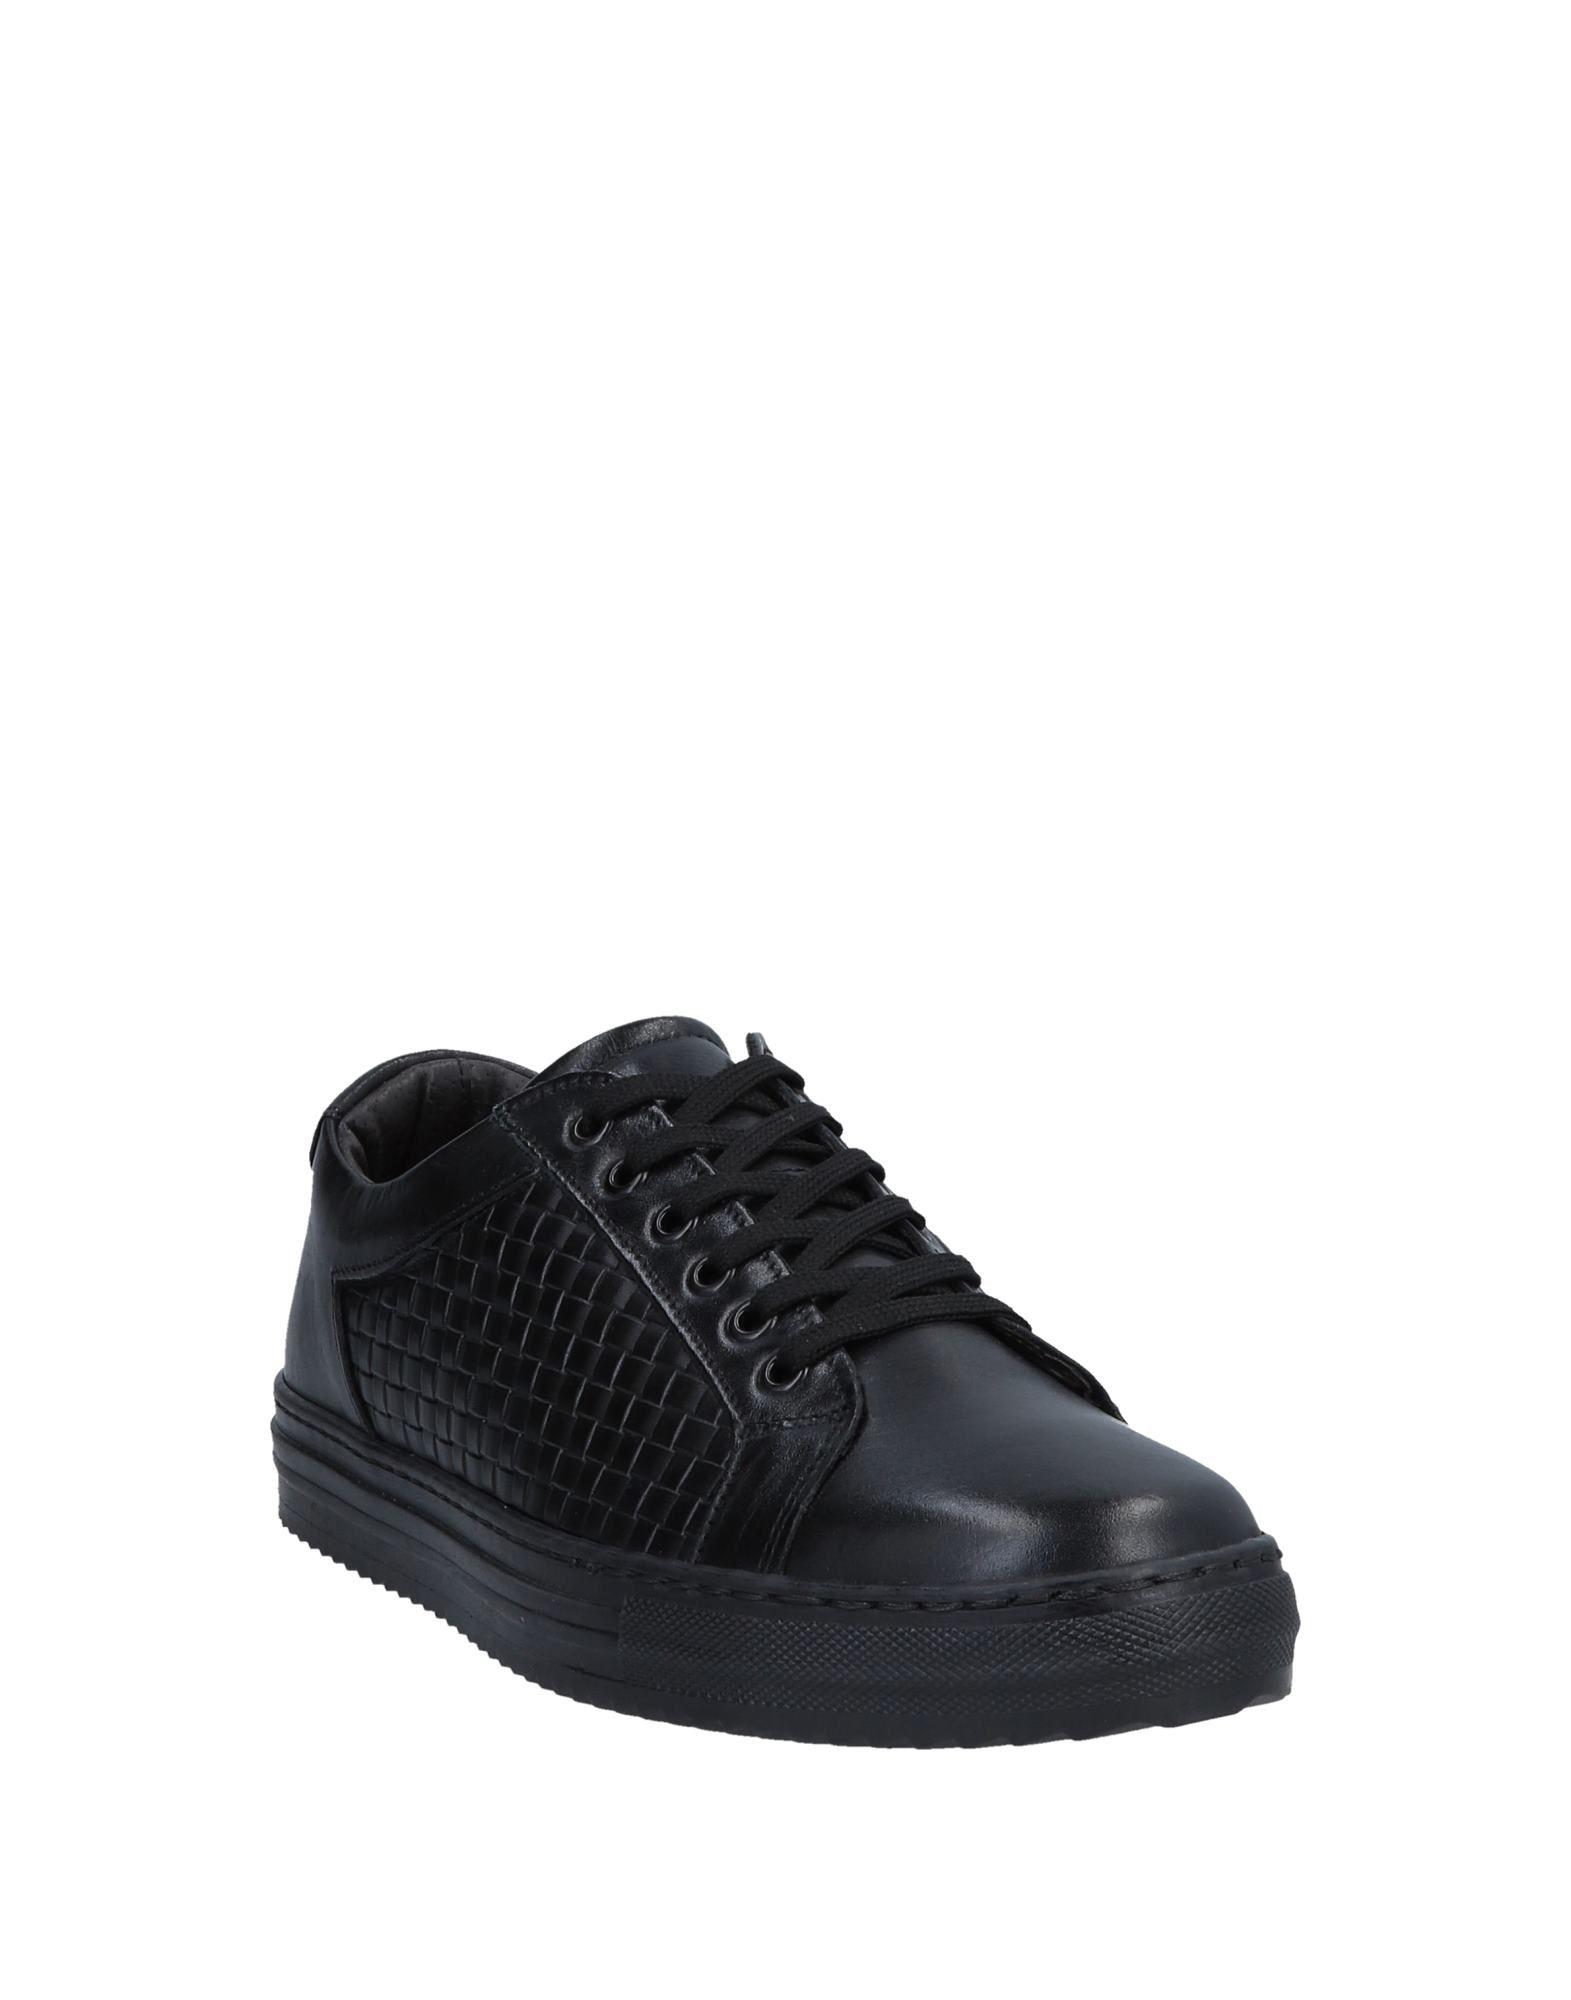 Roberto Della Croce Sneakers es Herren Gutes Preis-Leistungs-Verhältnis, es Sneakers lohnt sich 4ebf9d